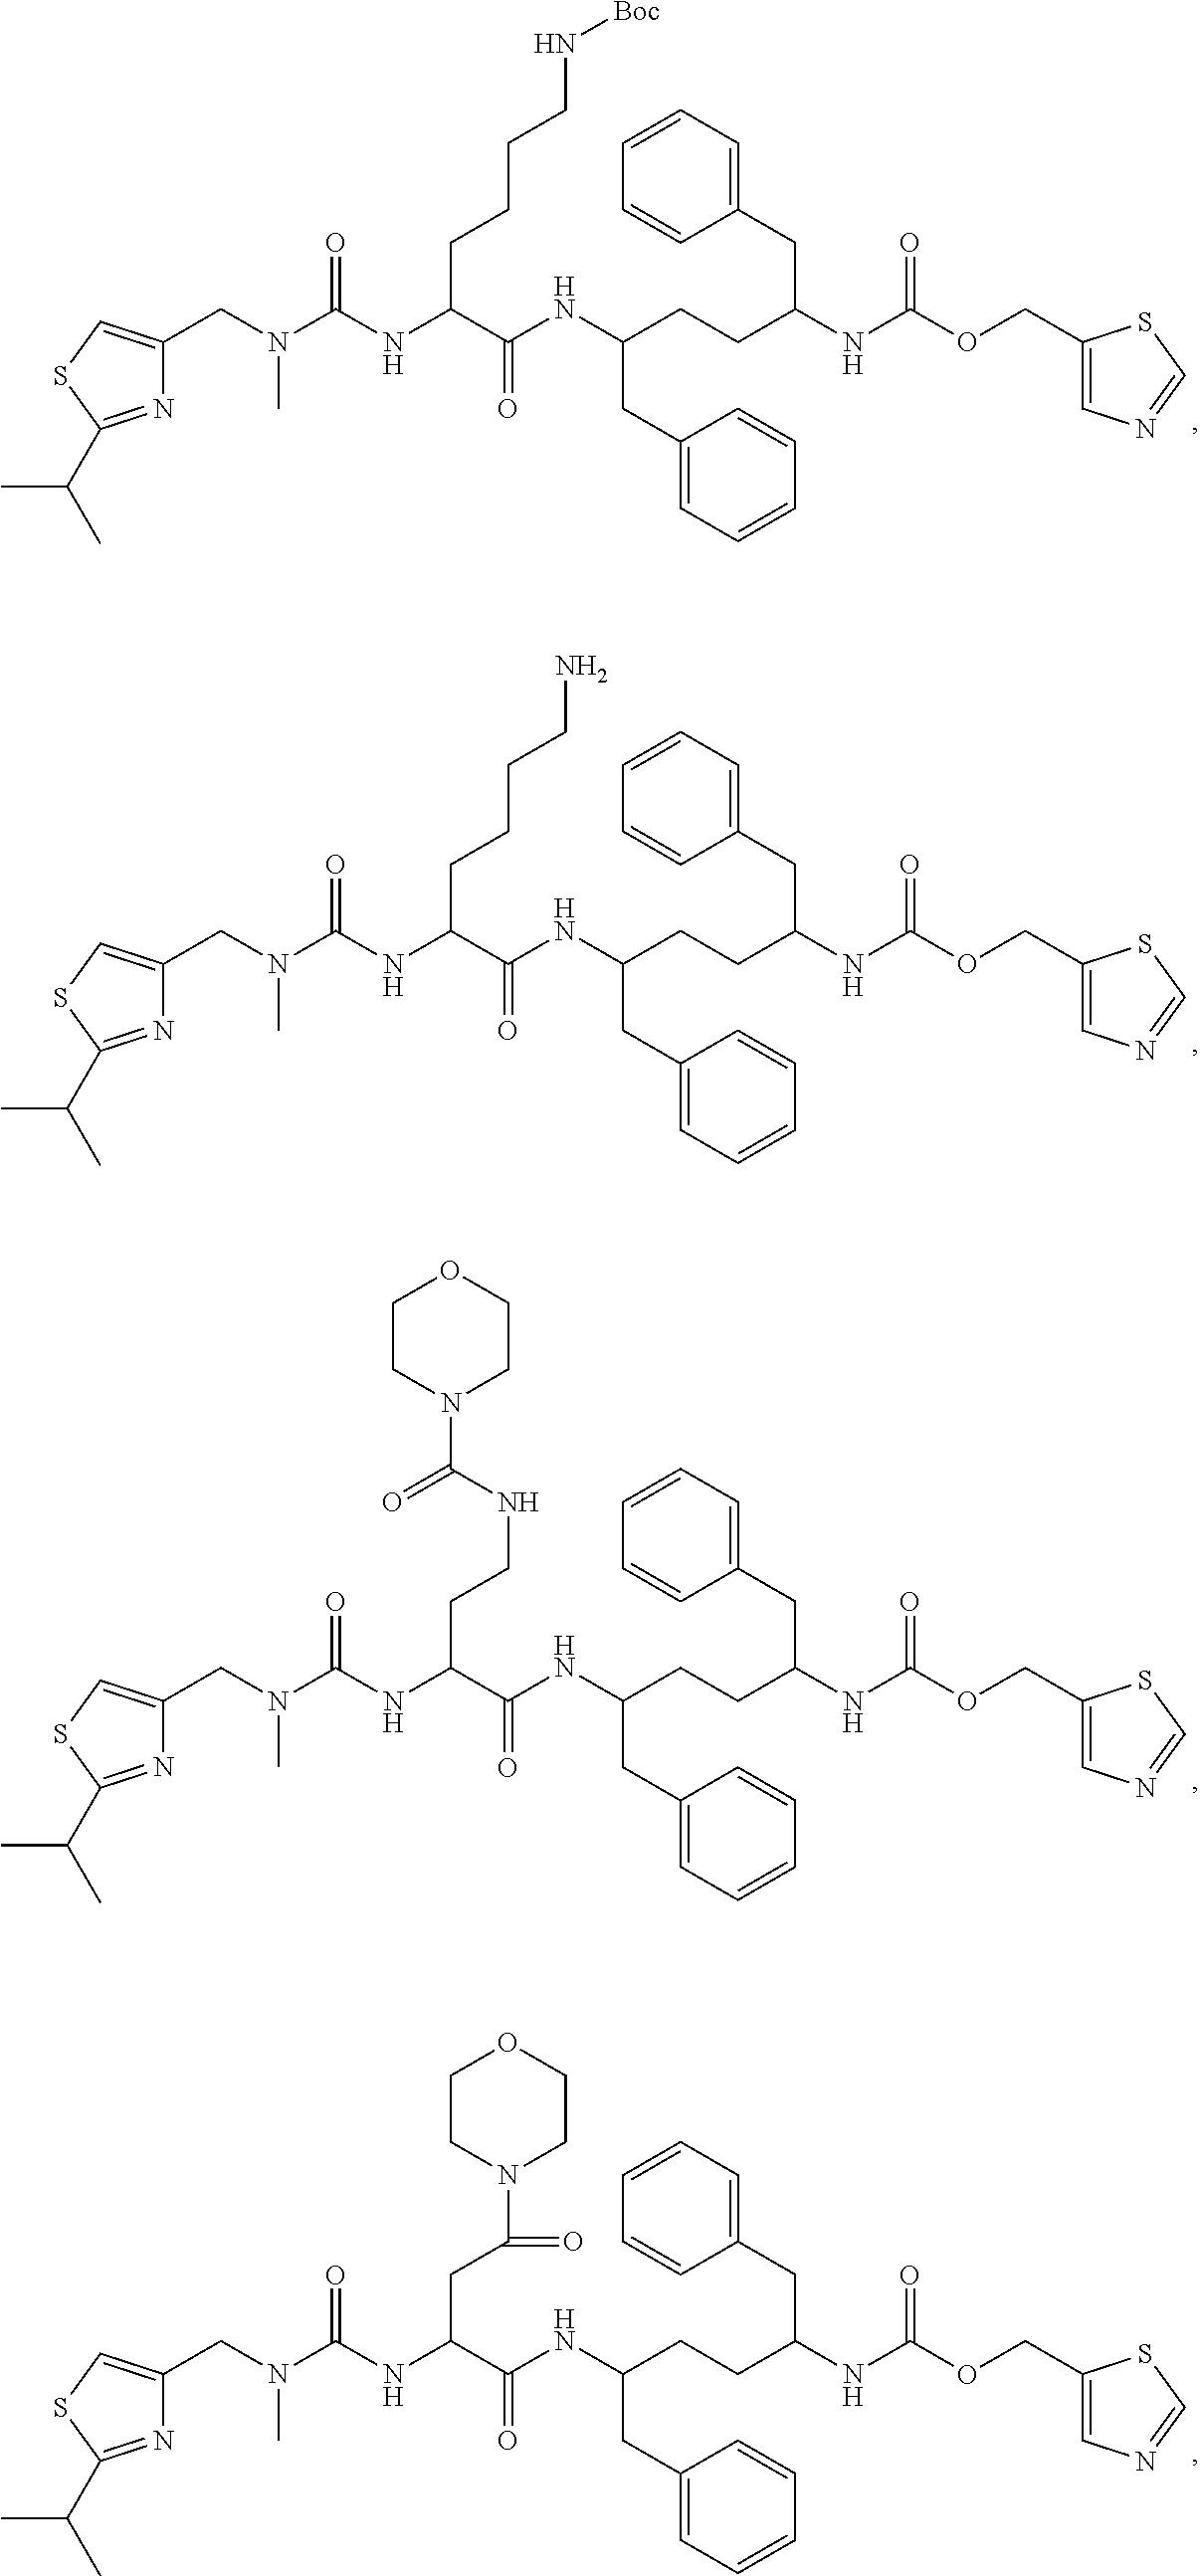 Figure US09891239-20180213-C00025